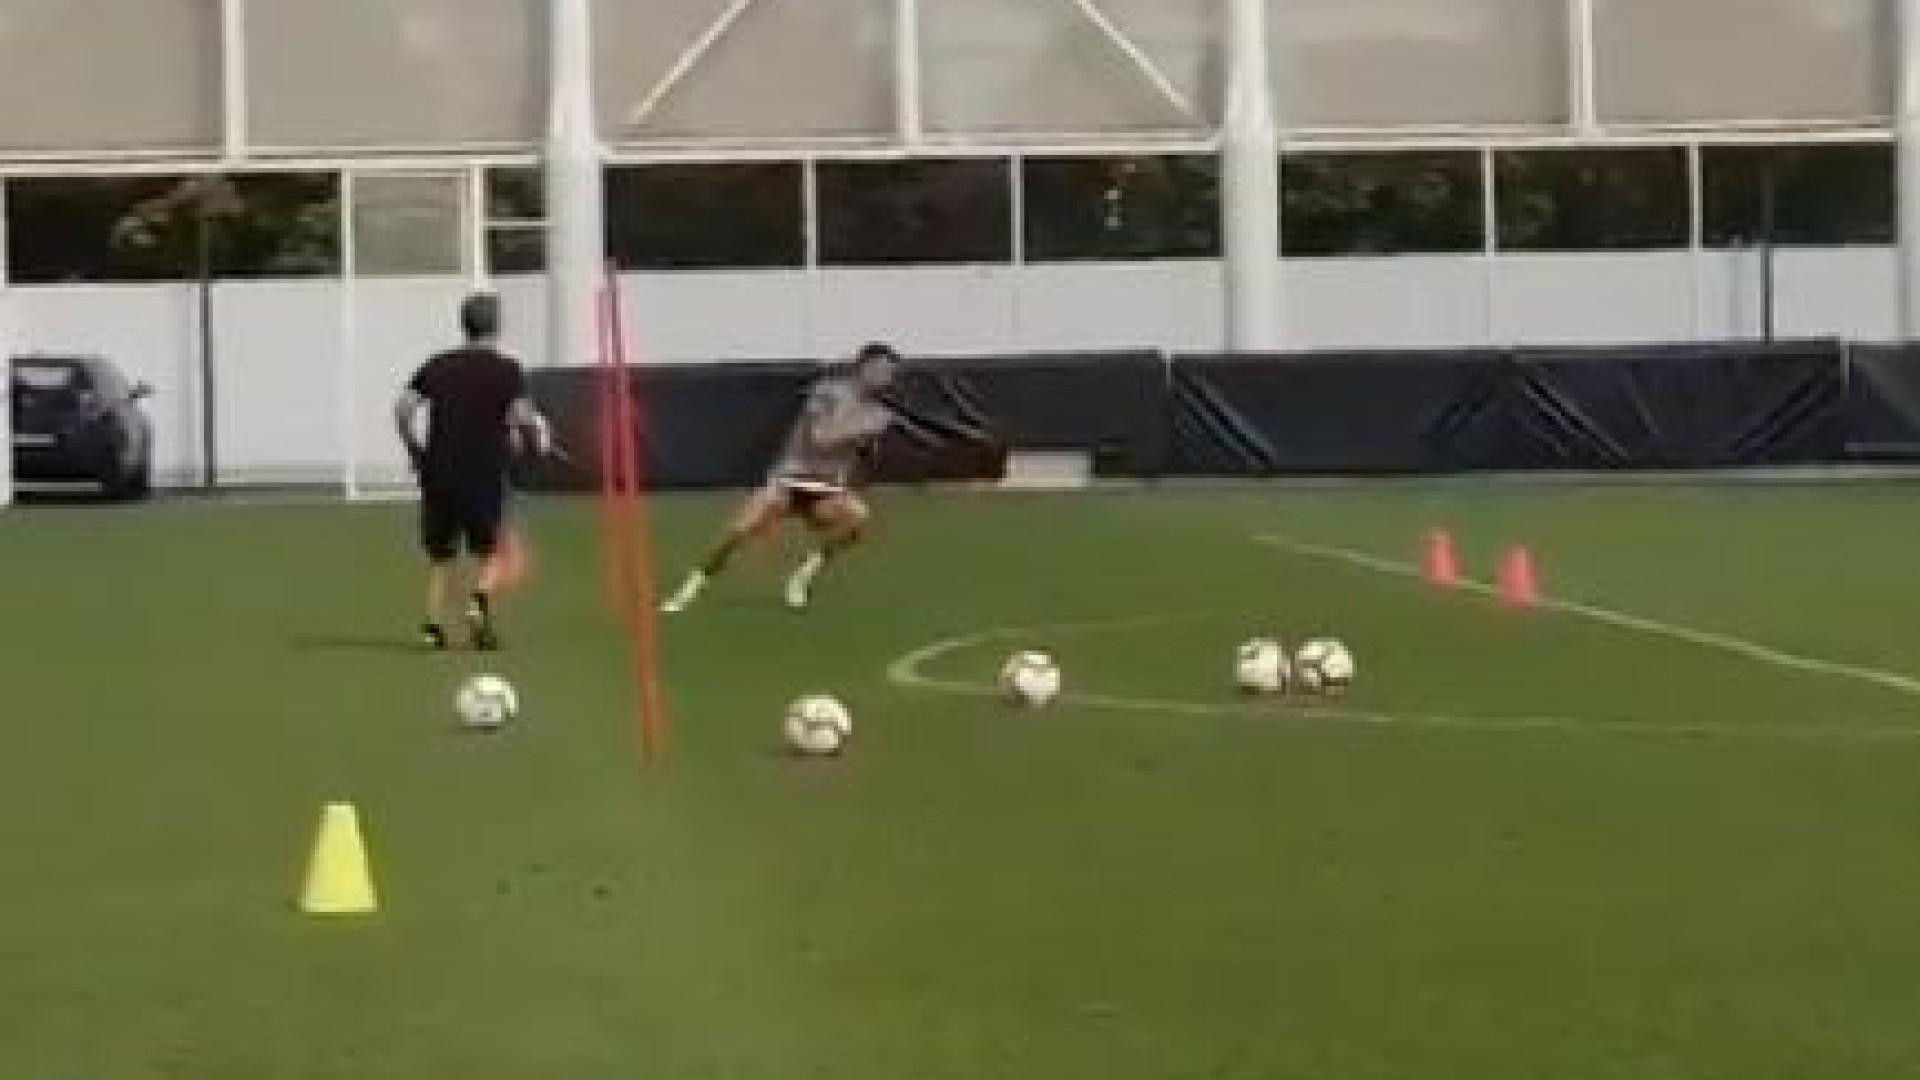 Eis uma prova da intensidade colocada por Ronaldo nos treinos da Juve